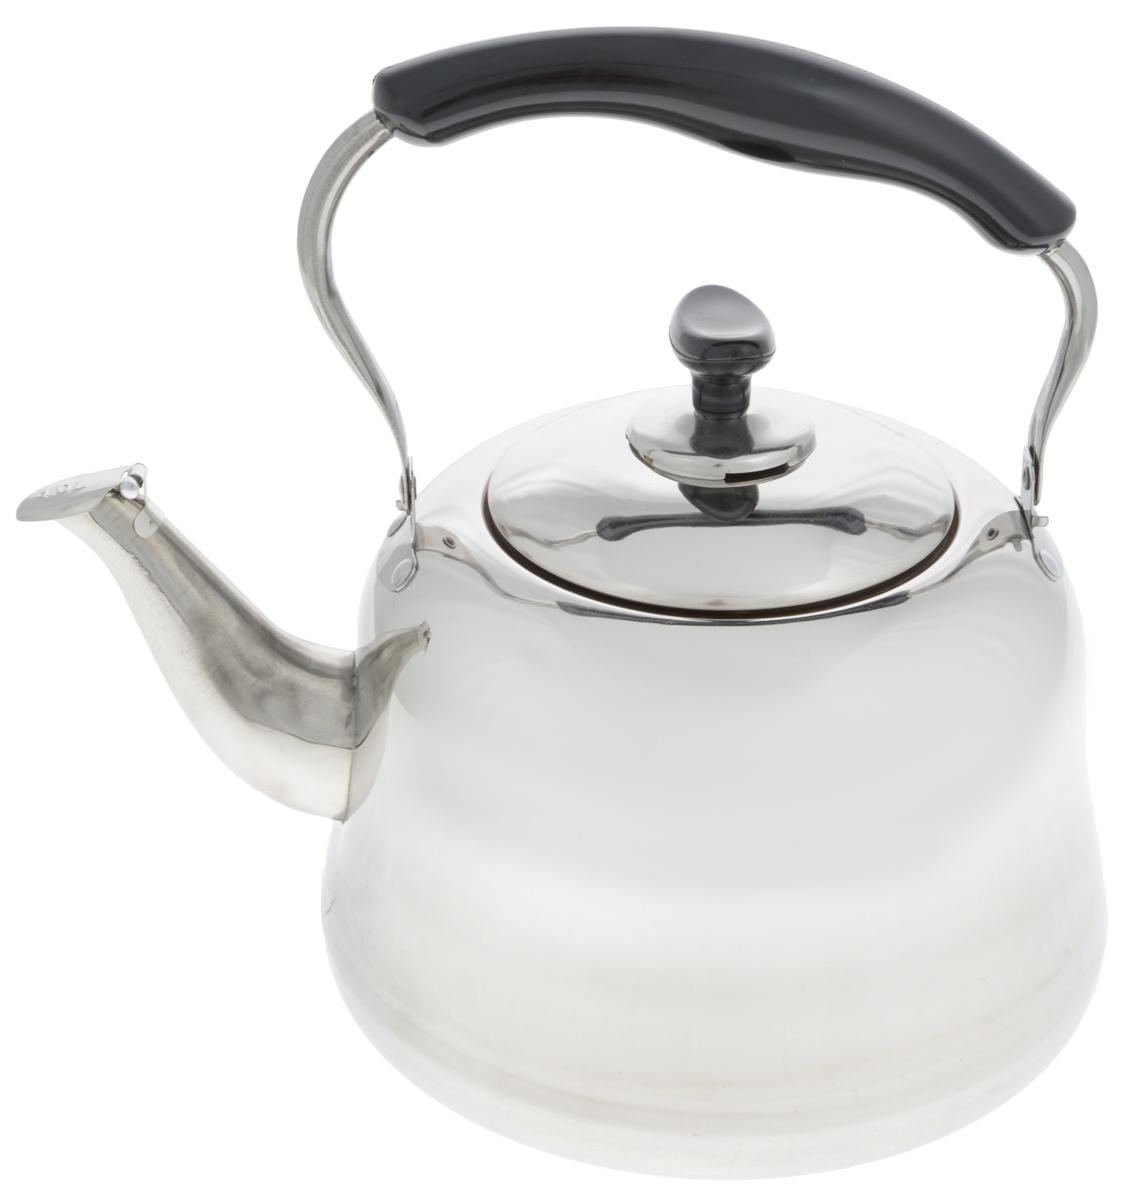 Чайник Mayer & Boch, со свистком, 4 л. 2350723507Чайник Mayer & Boch изготовлен из высококачественной нержавеющей стали. Он оснащен подвижной ручкой из стали с бакелитовой накладкой, что делает использование чайника очень удобным и безопасным. Крышка снабжена свистком, позволяя контролировать процесс подогрева или кипячения воды. Эстетичный и функциональный чайник будет оригинально смотреться в любом интерьере. Подходит для газовых, электрических и стеклокерамических плит. Можно мыть в посудомоечной машине.Высота чайника (без учета ручки и крышки): 15 см.Высота чайника (с учетом ручки и крышки): 28 см.Диаметр чайника (по верхнему краю): 12,5 см.